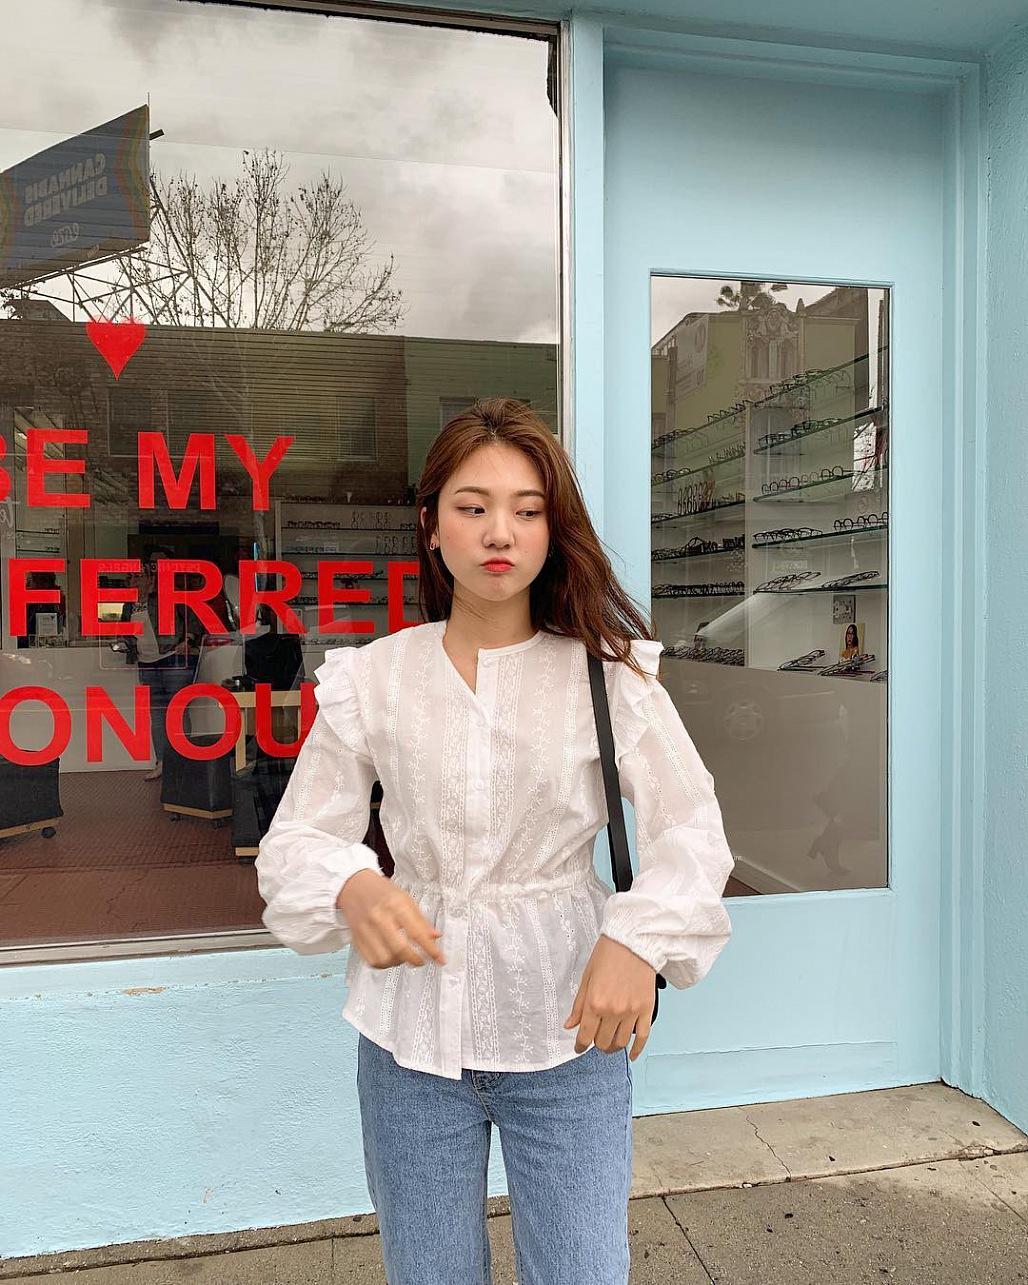 Áo blouse kẻ tay bồng kết hợp quần jeans phối đồ mùa đông đi học